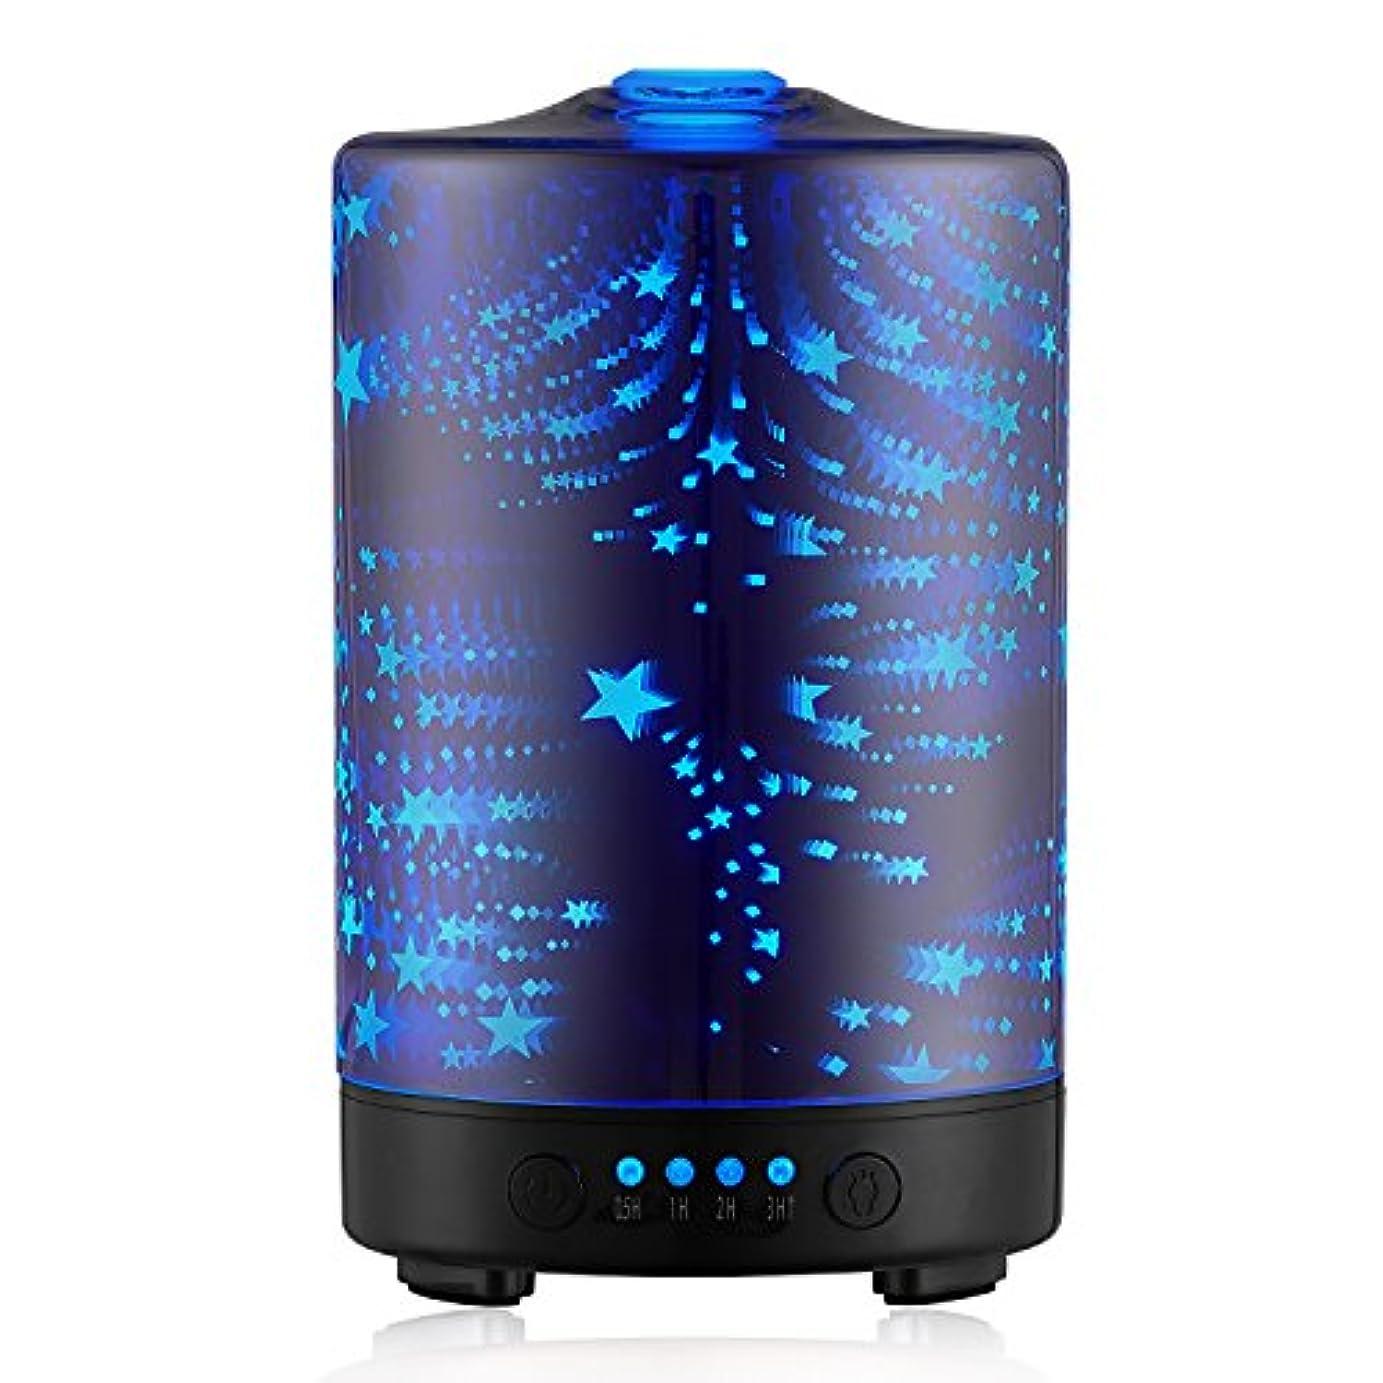 ベジタリアン盗難上げるHILI Aromatherapy Oil Diffuser 100ML Essential Oil Ultrasonic Cool Mist Humidifier with 3D 7 Color Changing Starburst...